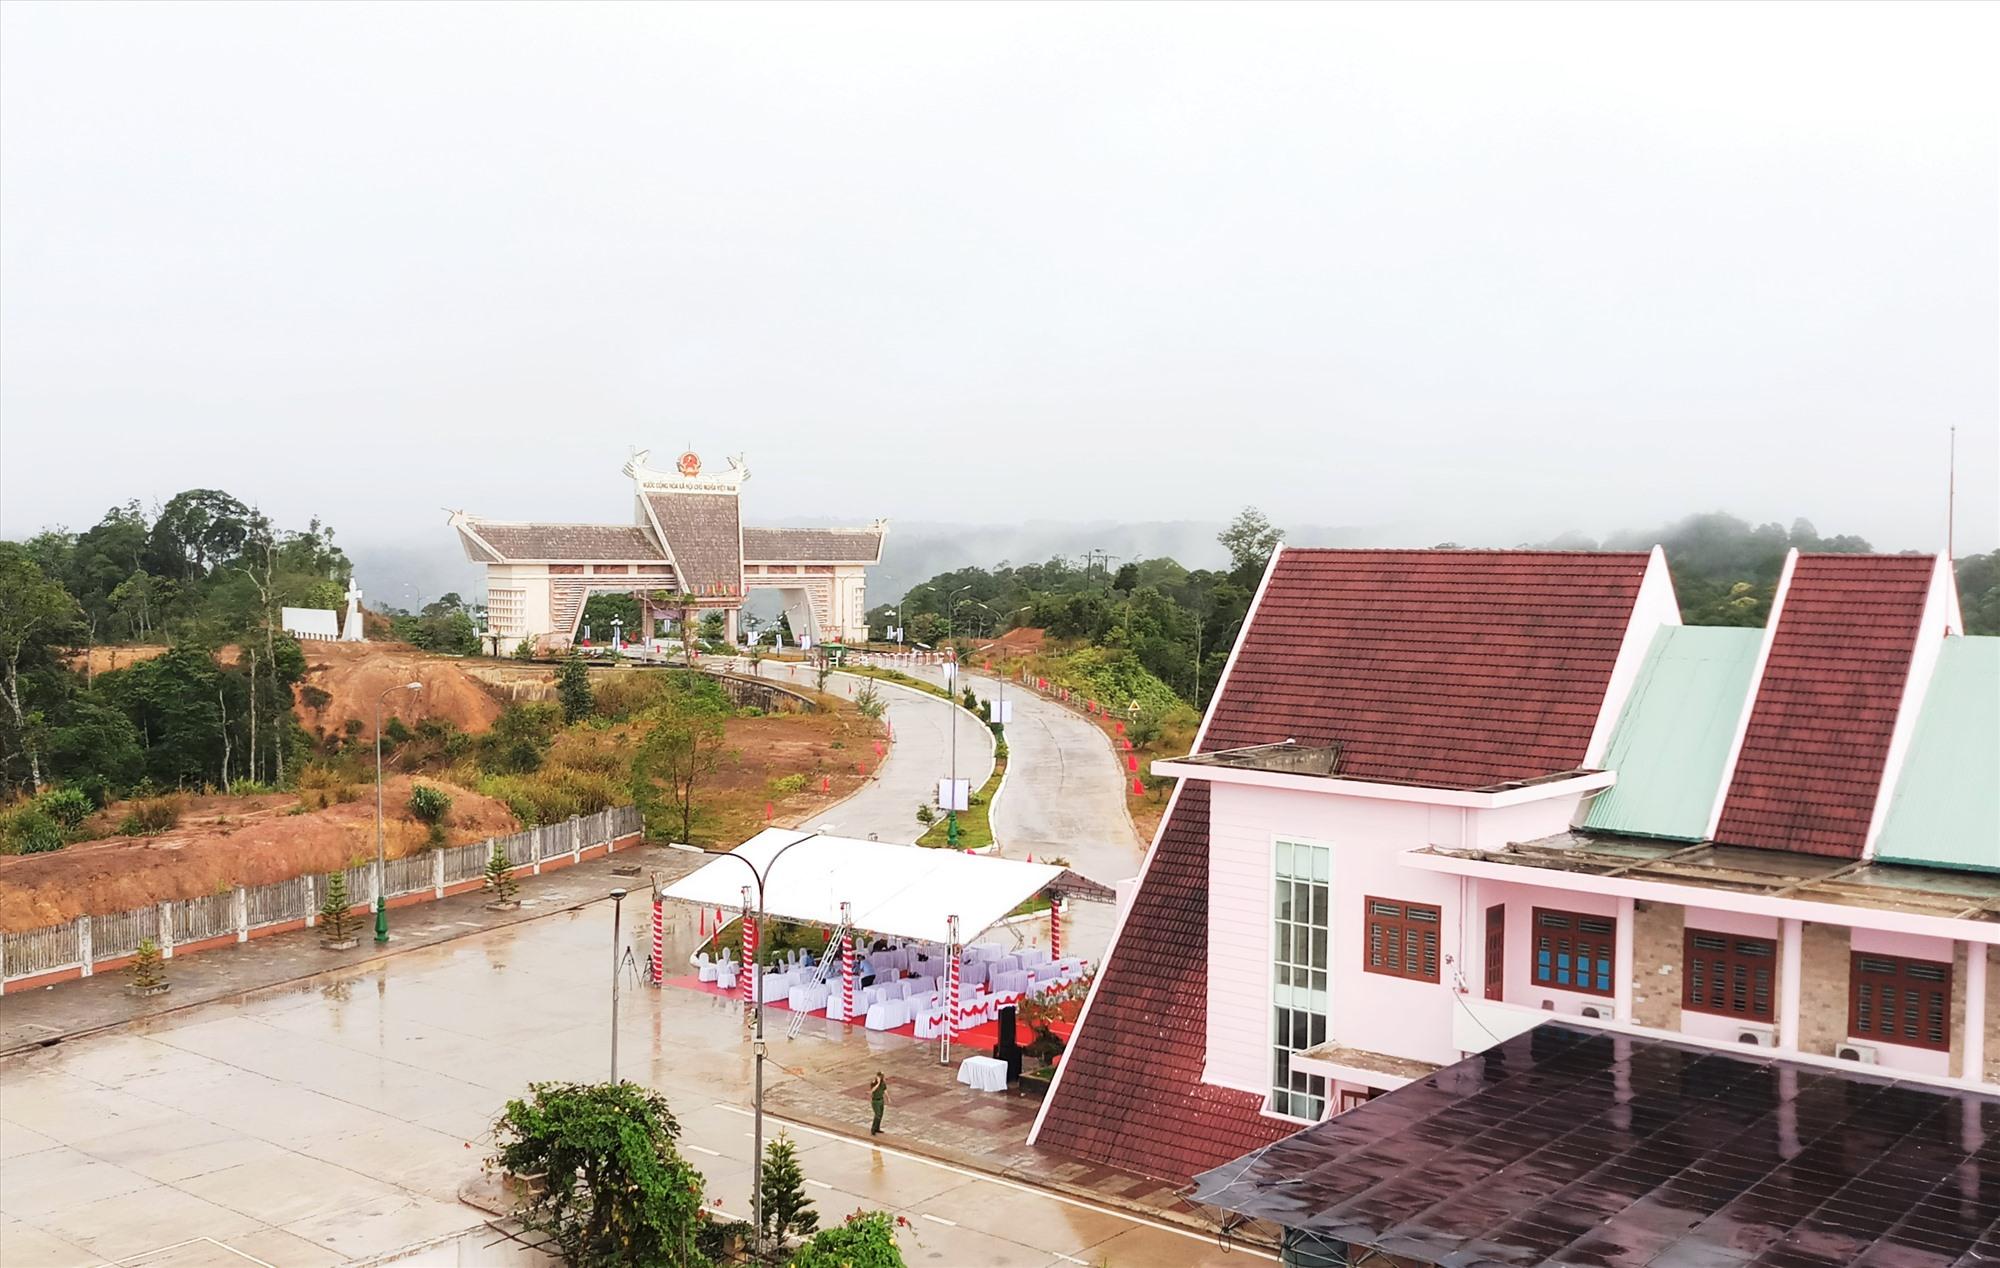 Bên cạnh giữ nguyên một số công trình cũ, việc điều chỉnh quy hoạch Khu kinh tế Cửa khẩu Nam Giang được kỳ vọng sẽ đem lại hiệu quả kinh tế cao. Ảnh: ALĂNG NGƯỚC